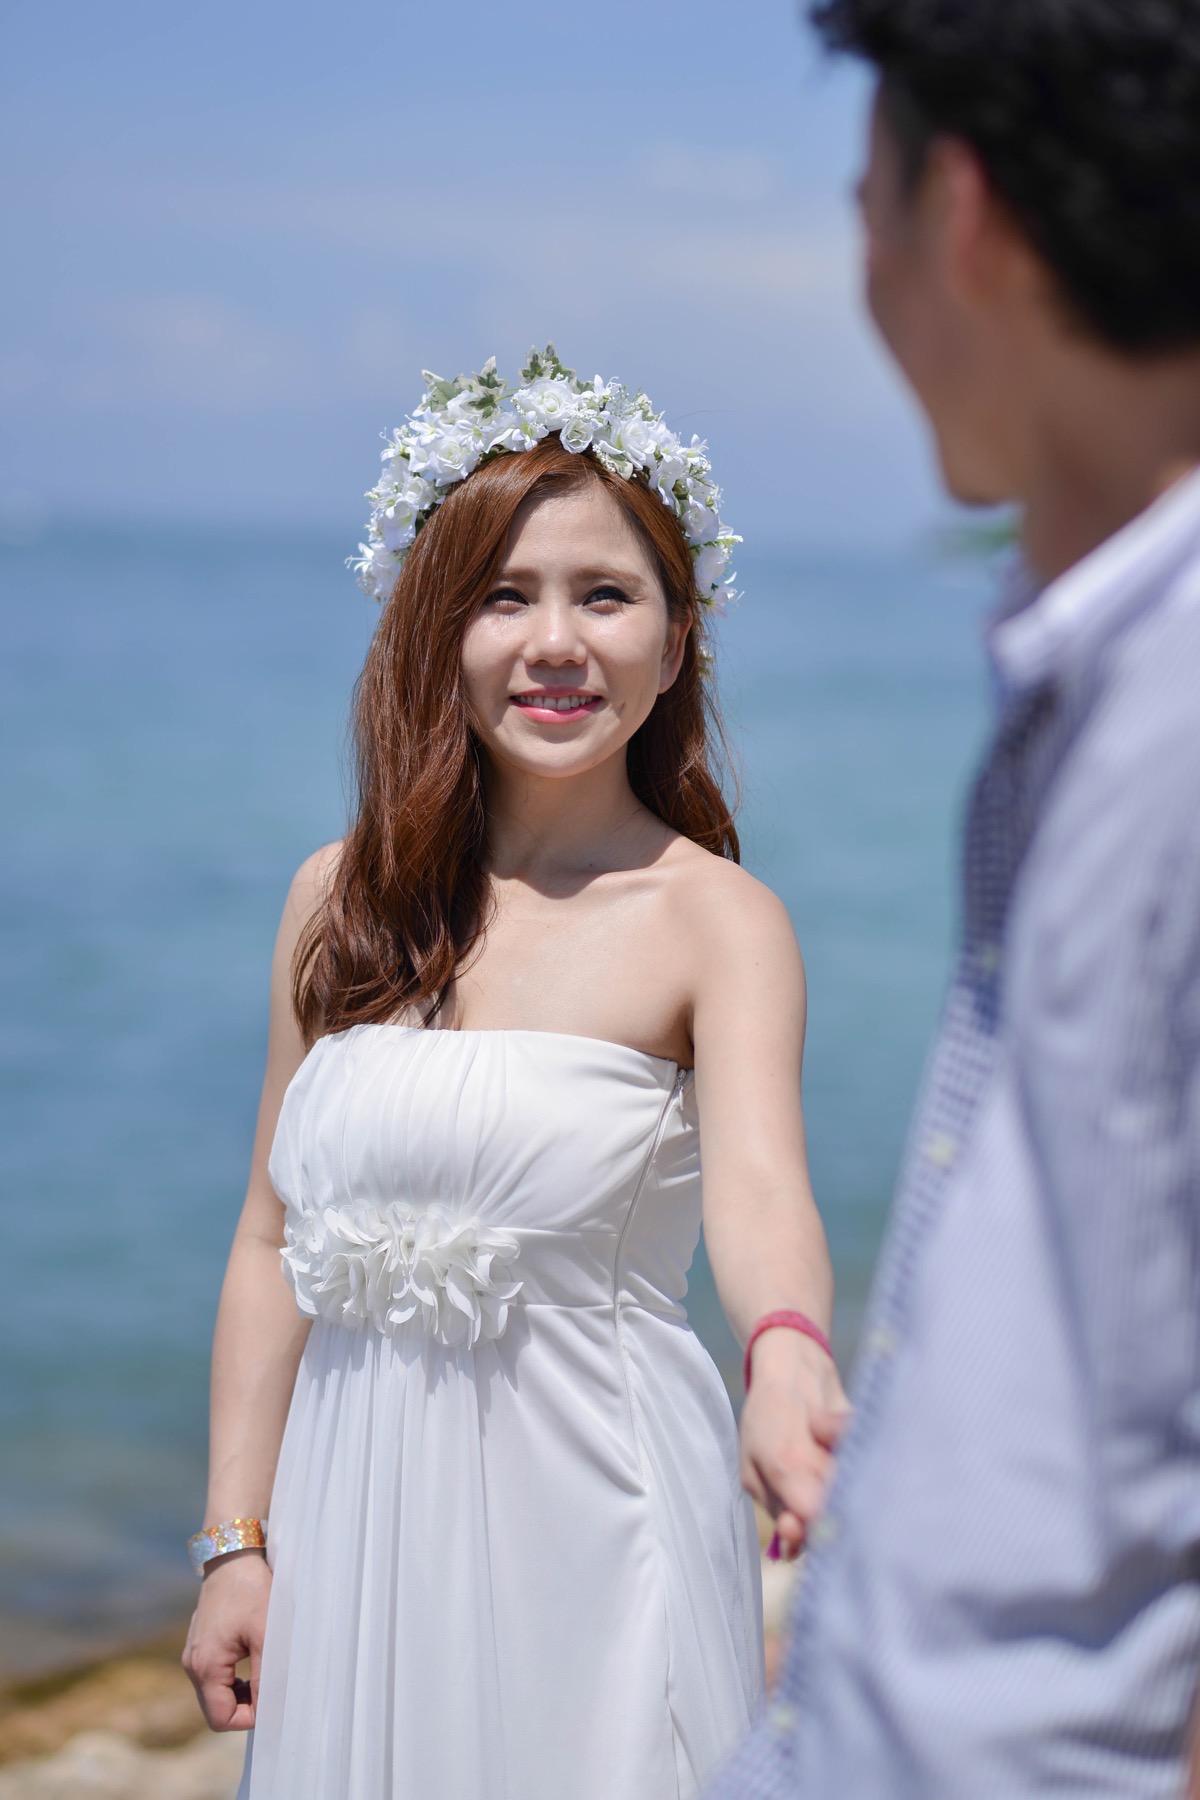 花婿様を見つめて微笑む花嫁様